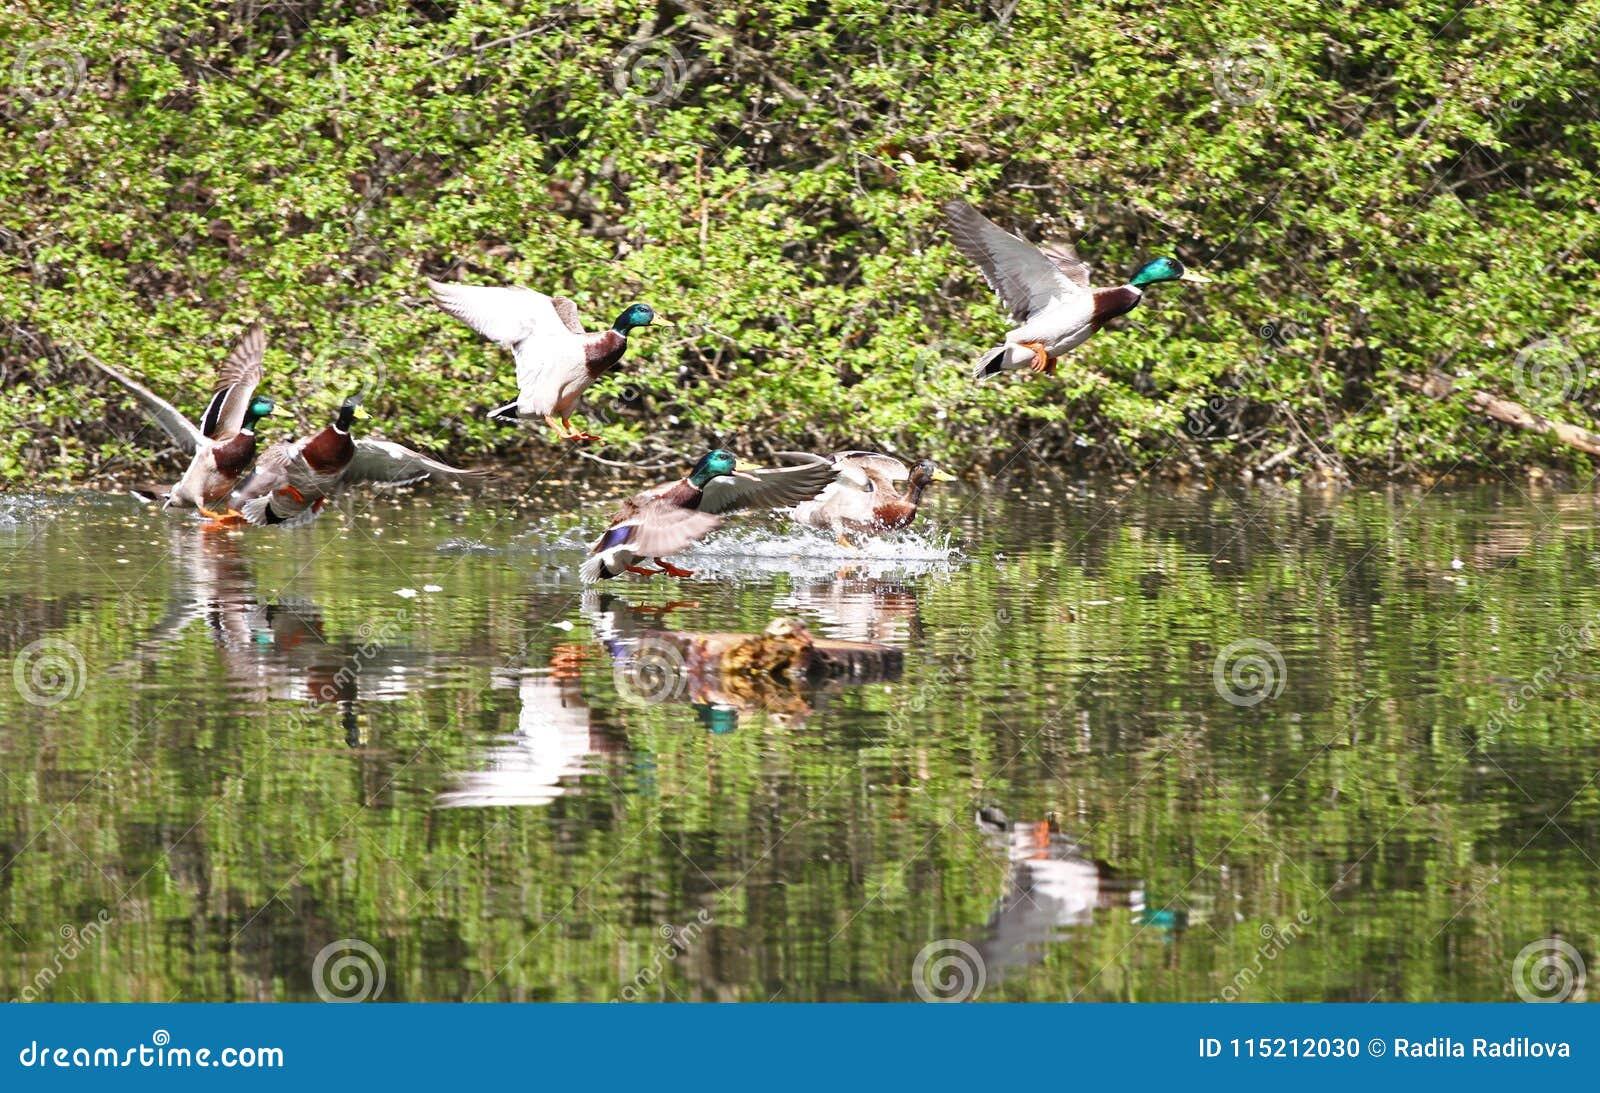 Αγριόχηνα που πετούν στο πάρκο Πάπια πρασινολαιμών στη φύση στη λίμνη Φωτογραφία κάλυψης με τις πάπιες ανασκόπηση που σχεδιάζε&t